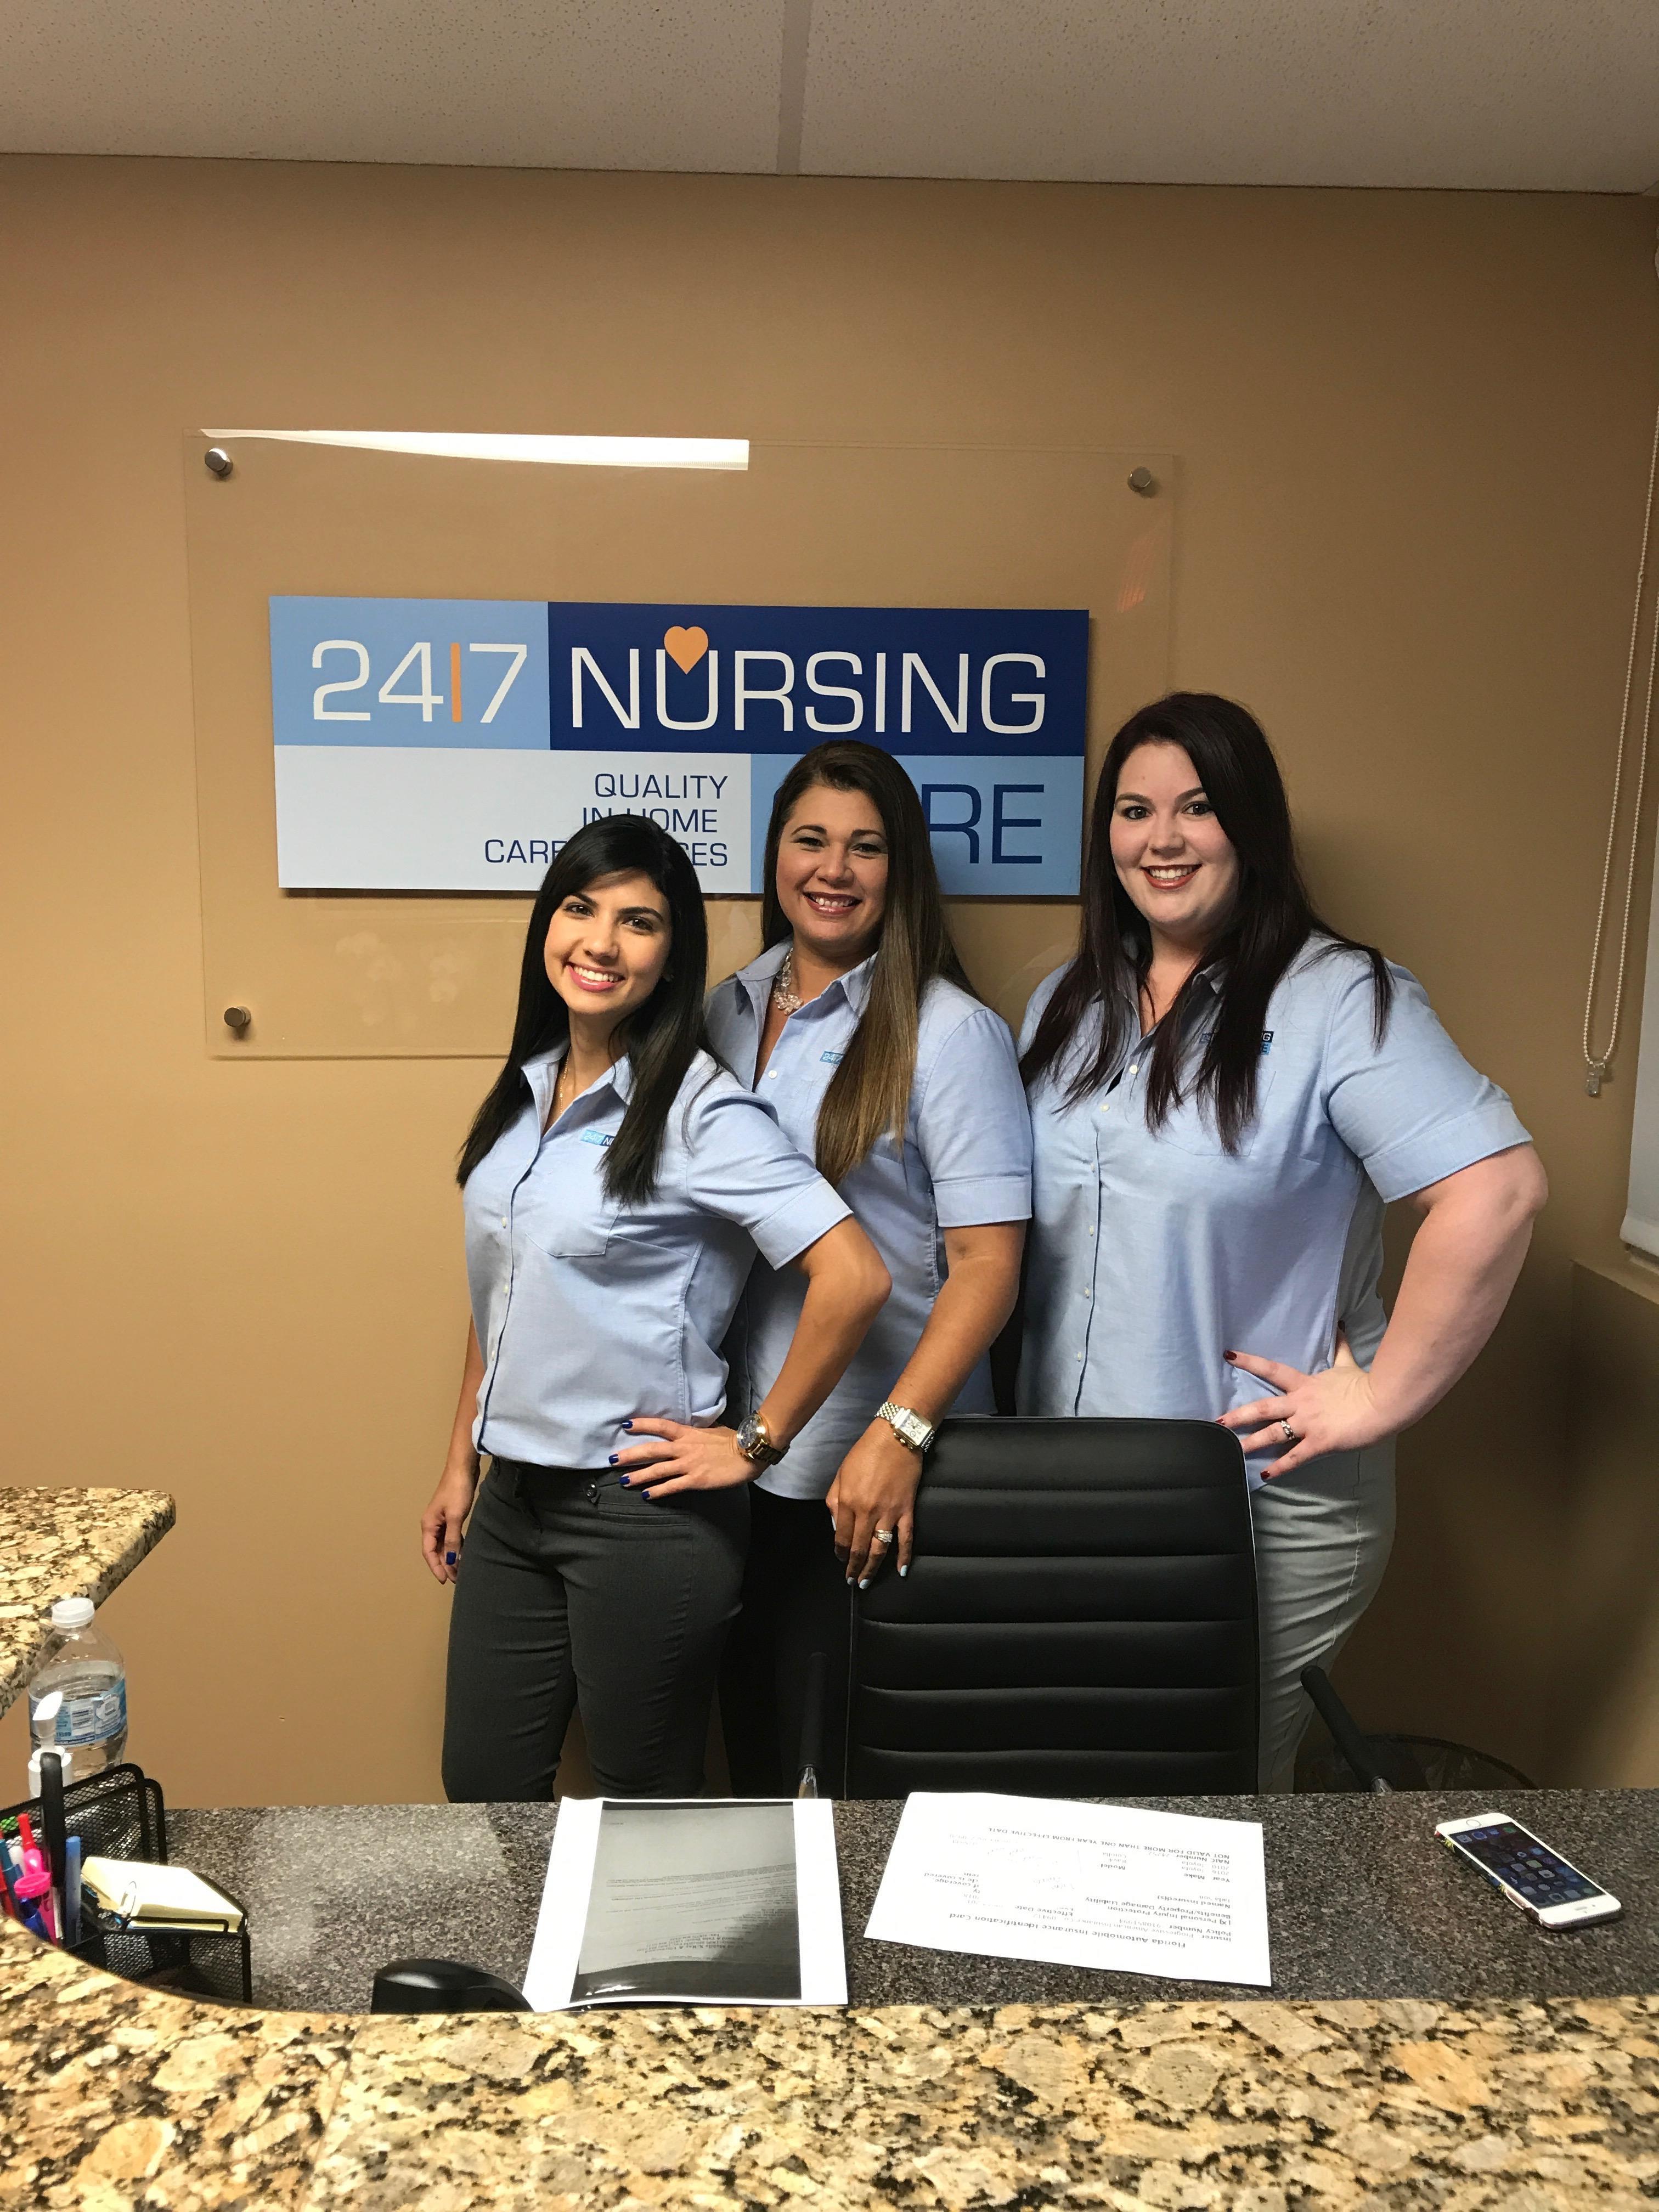 24/7 Nursing Care image 3